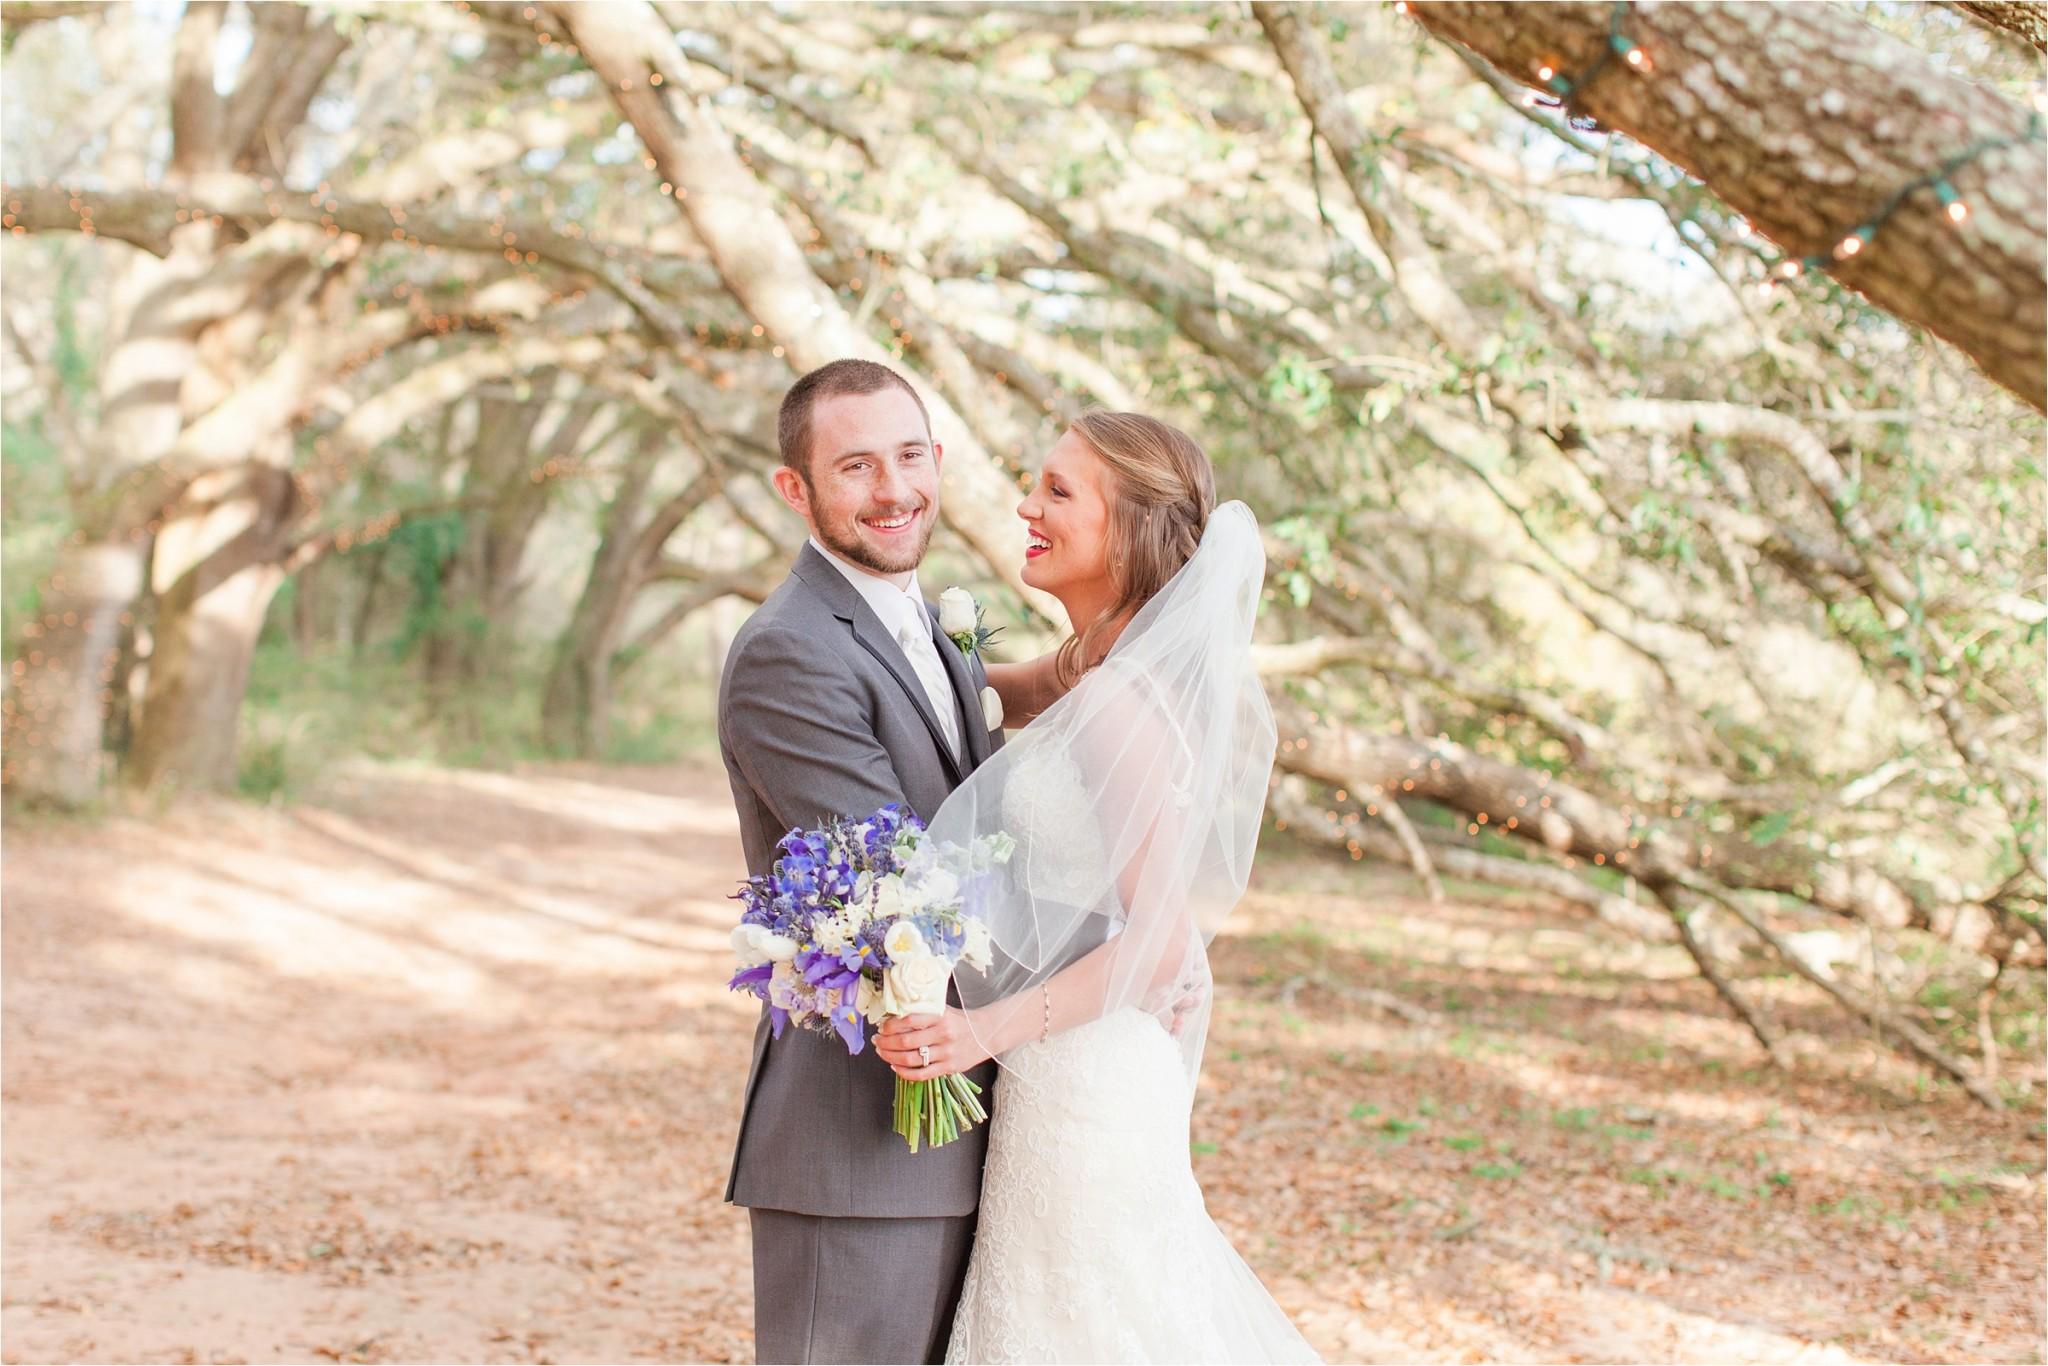 Lewis_Oak_Hollow_Wedding_Fairhope_AL_0075